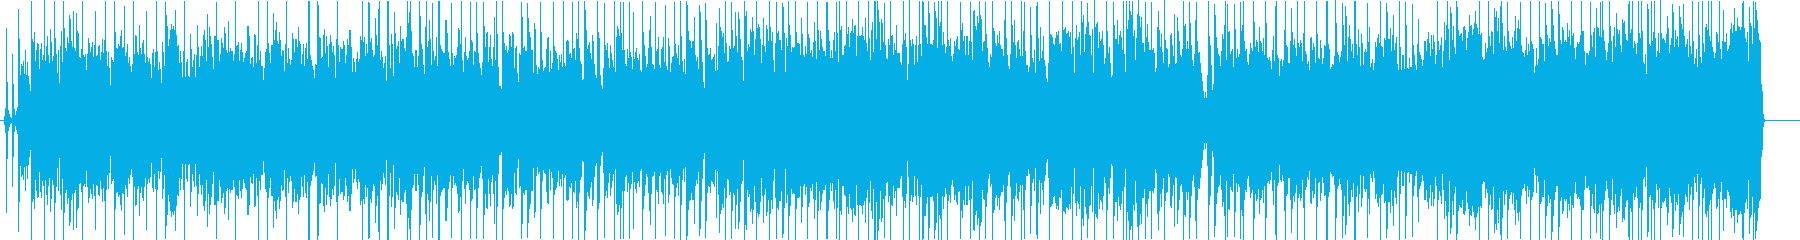 <ギター生演奏>爽やかで軽やかOPに最適の再生済みの波形